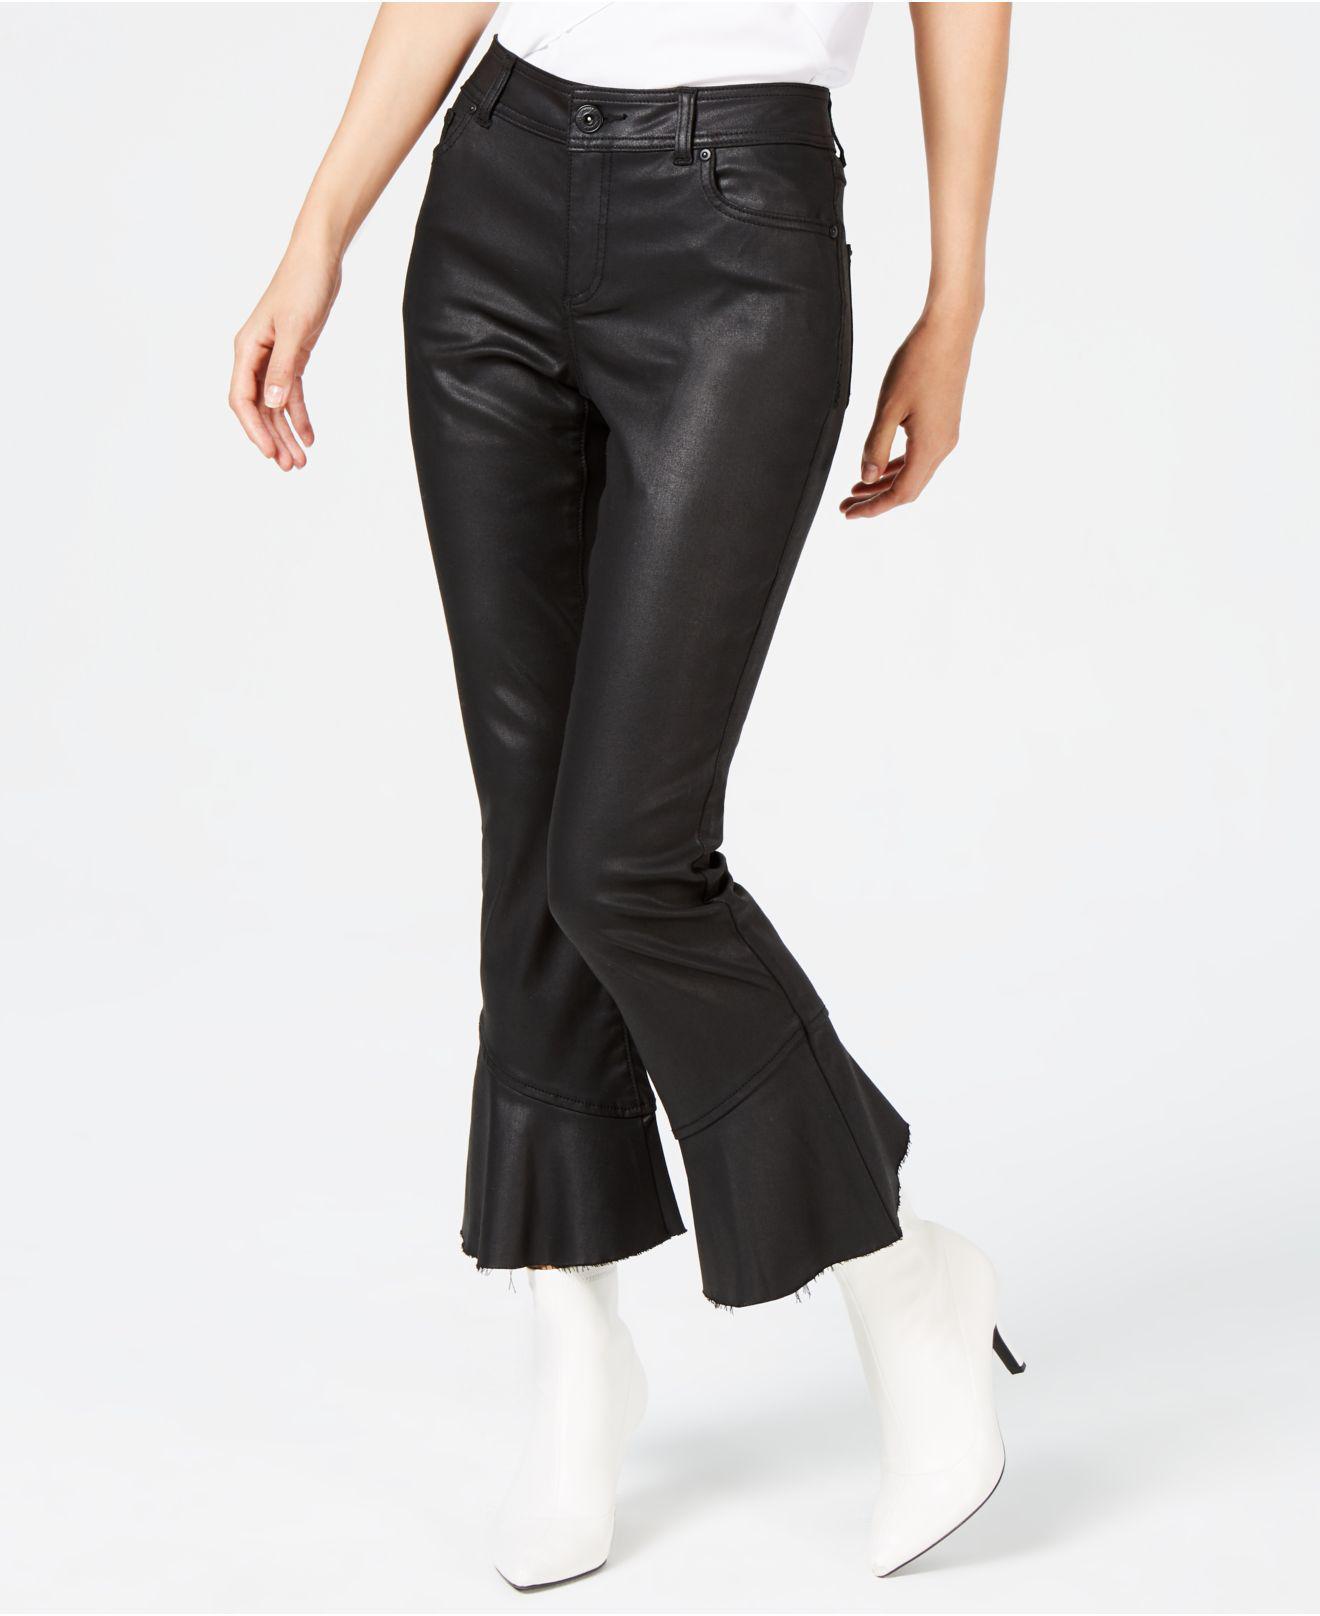 473f853088c Lyst - INC International Concepts I.n.c. Coated Ruffle-hem Jeans ...